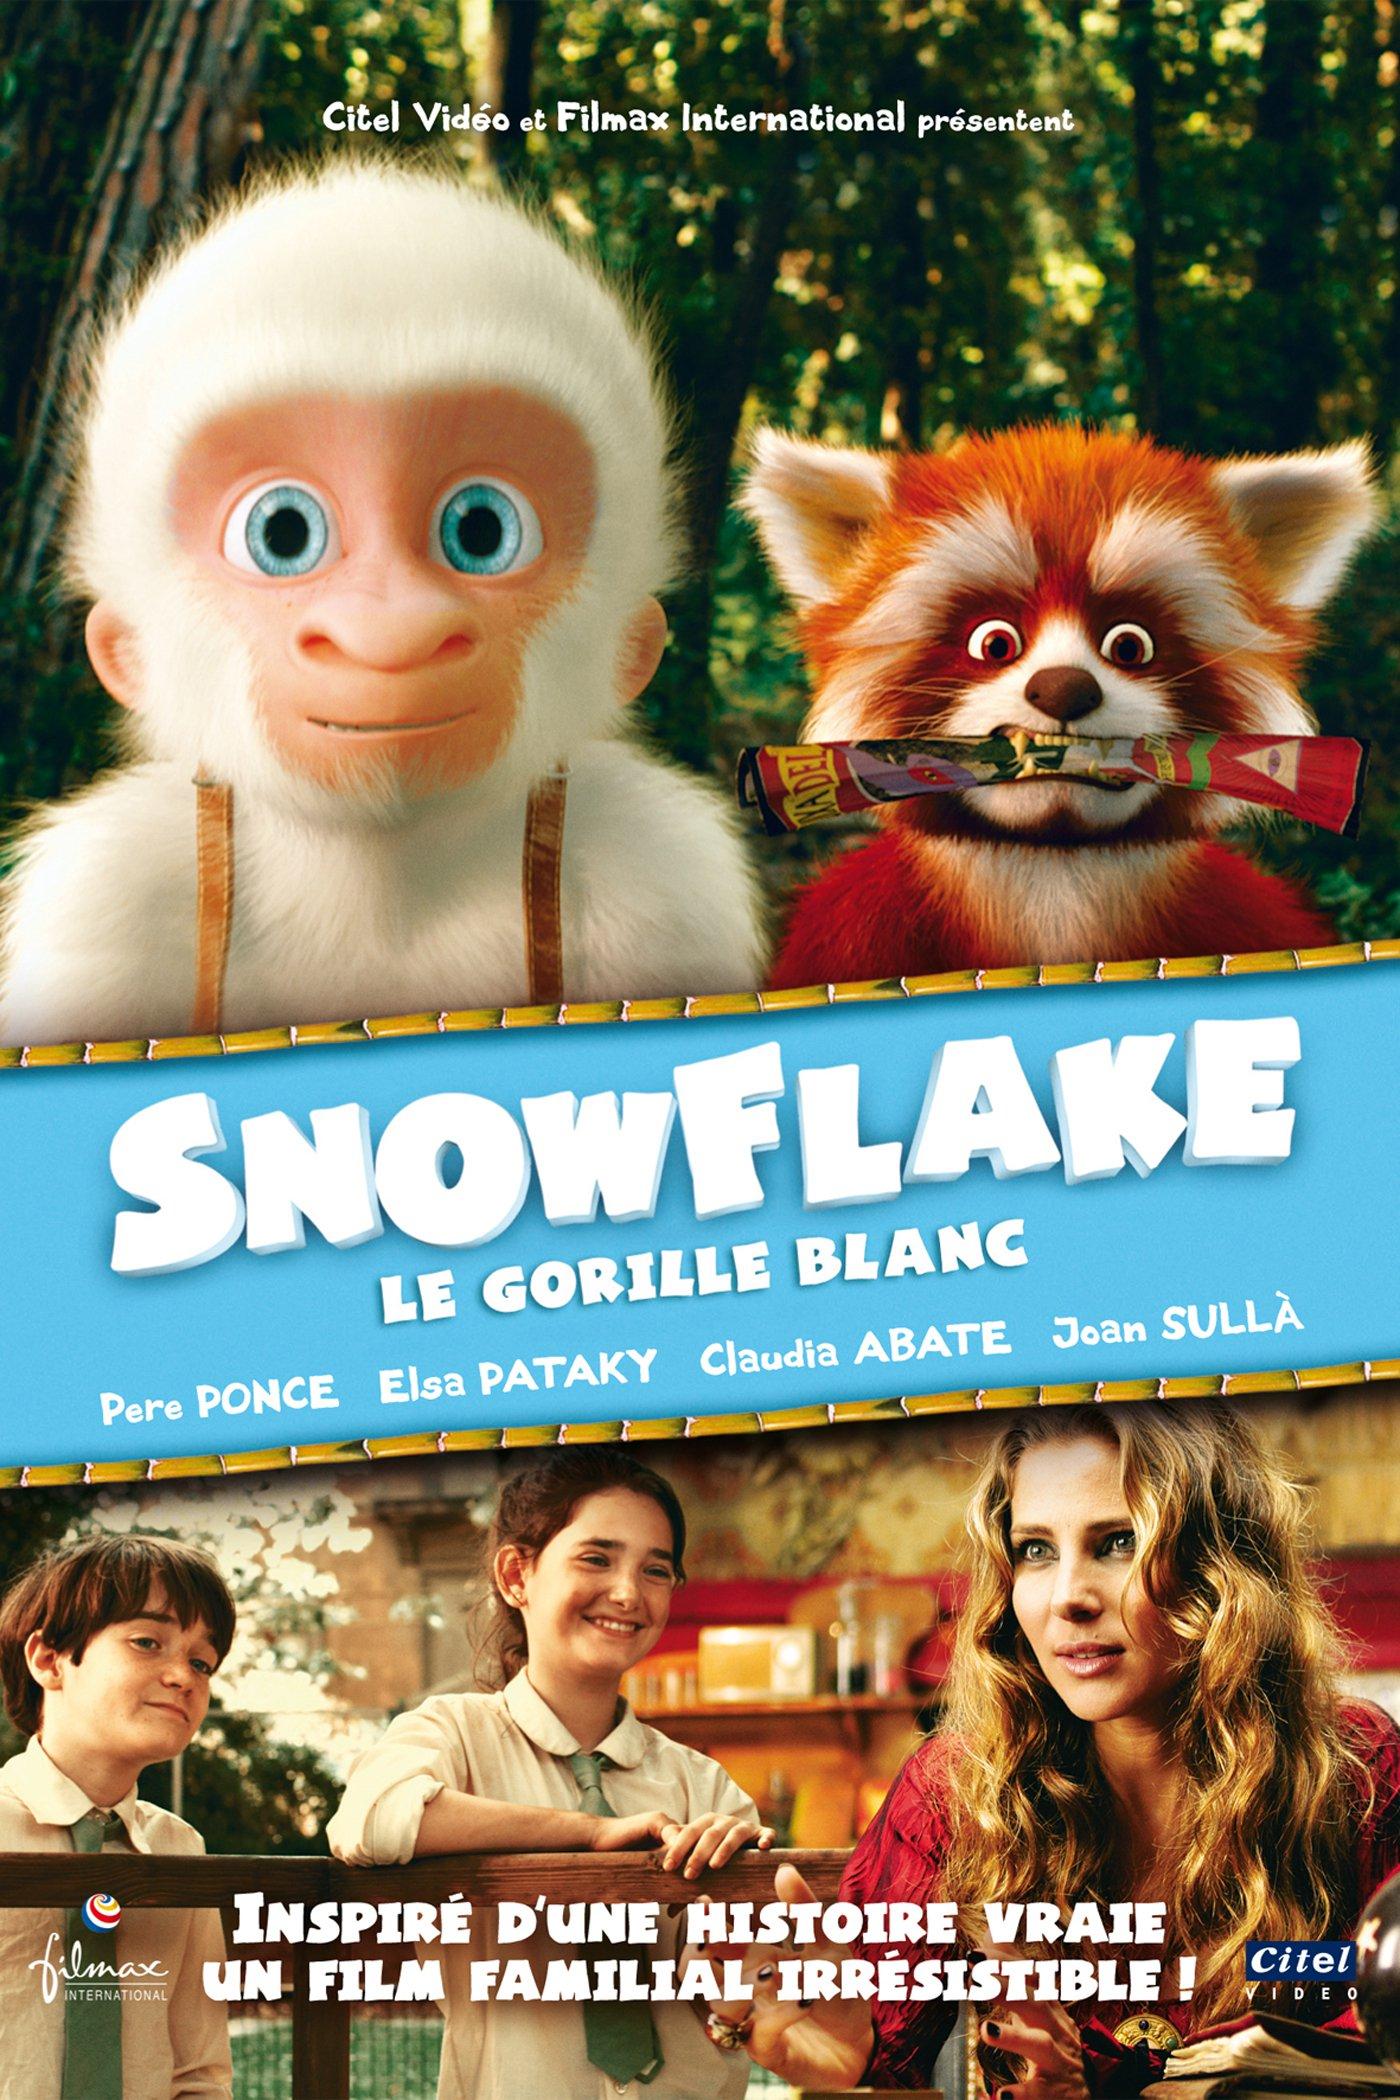 affiche du film Snowflake, le gorille blanc